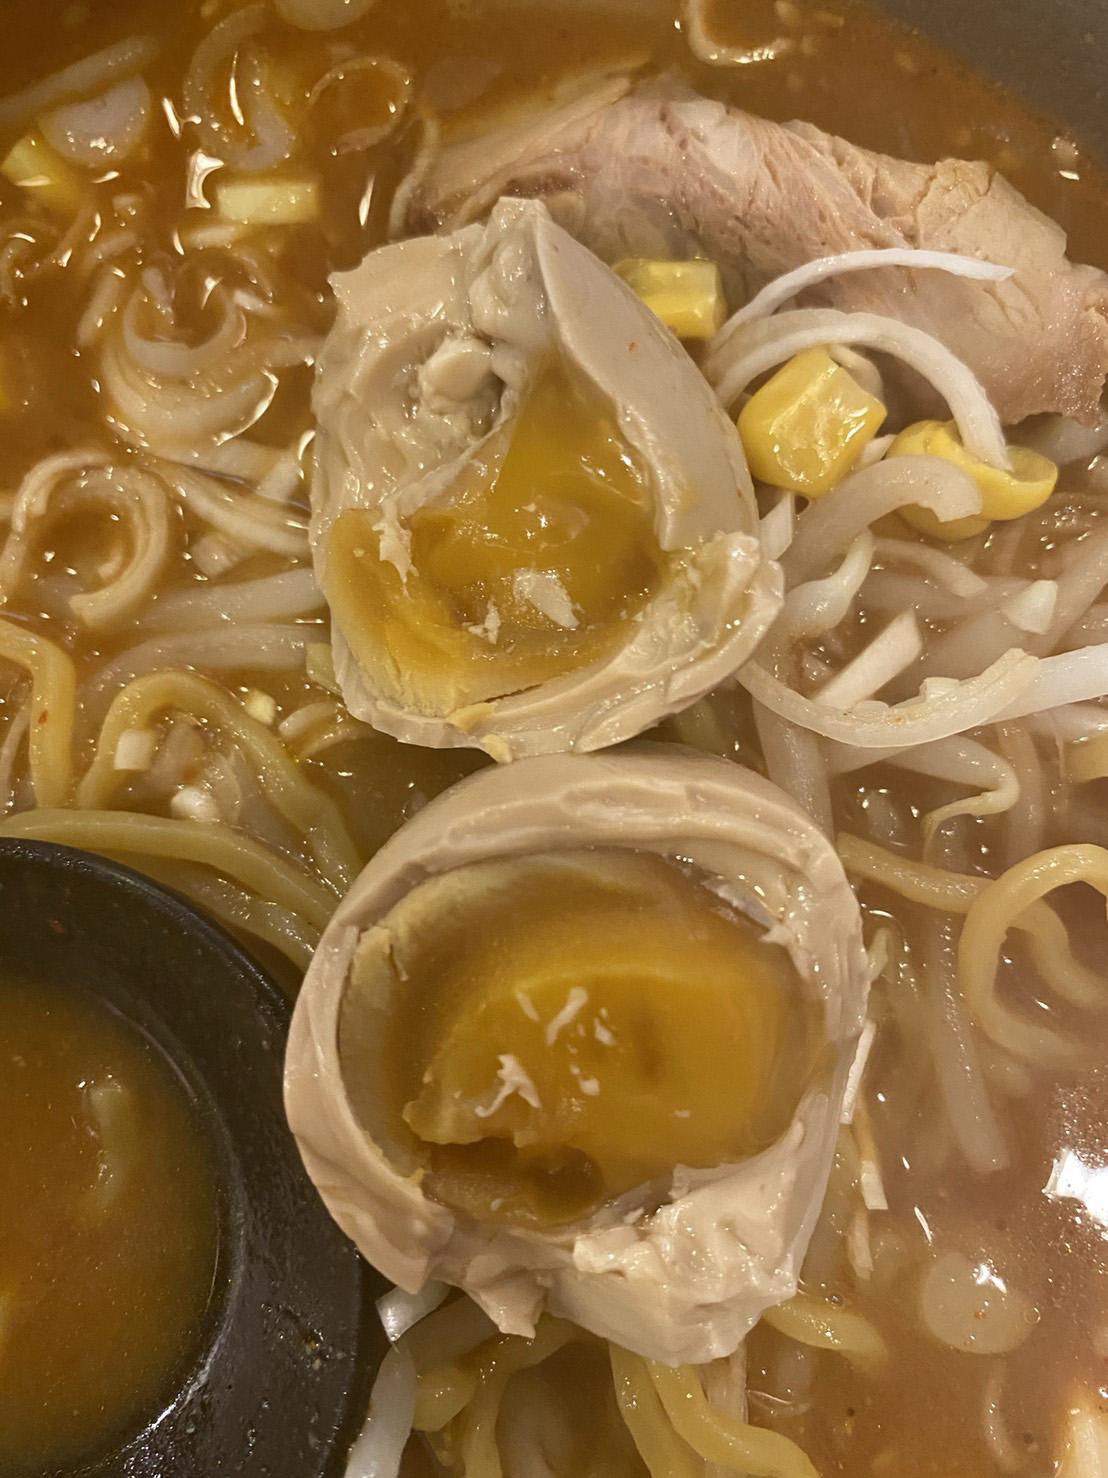 担々麵の煮卵の写真